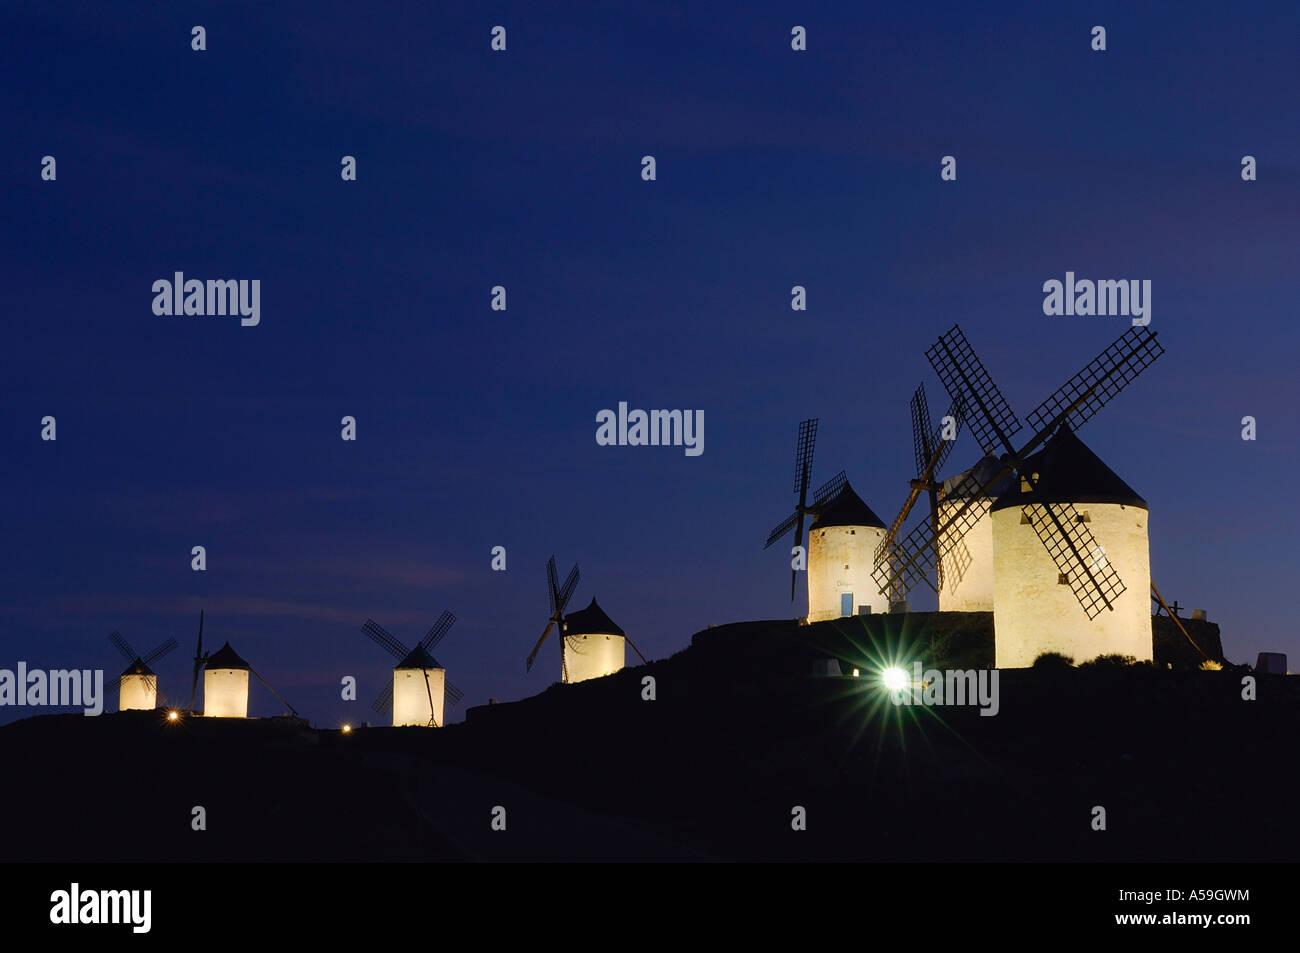 Les moulins à vent sur la Colline la nuit, Castilla La Mancha, Ciudad Real, Espagne Provence Banque D'Images